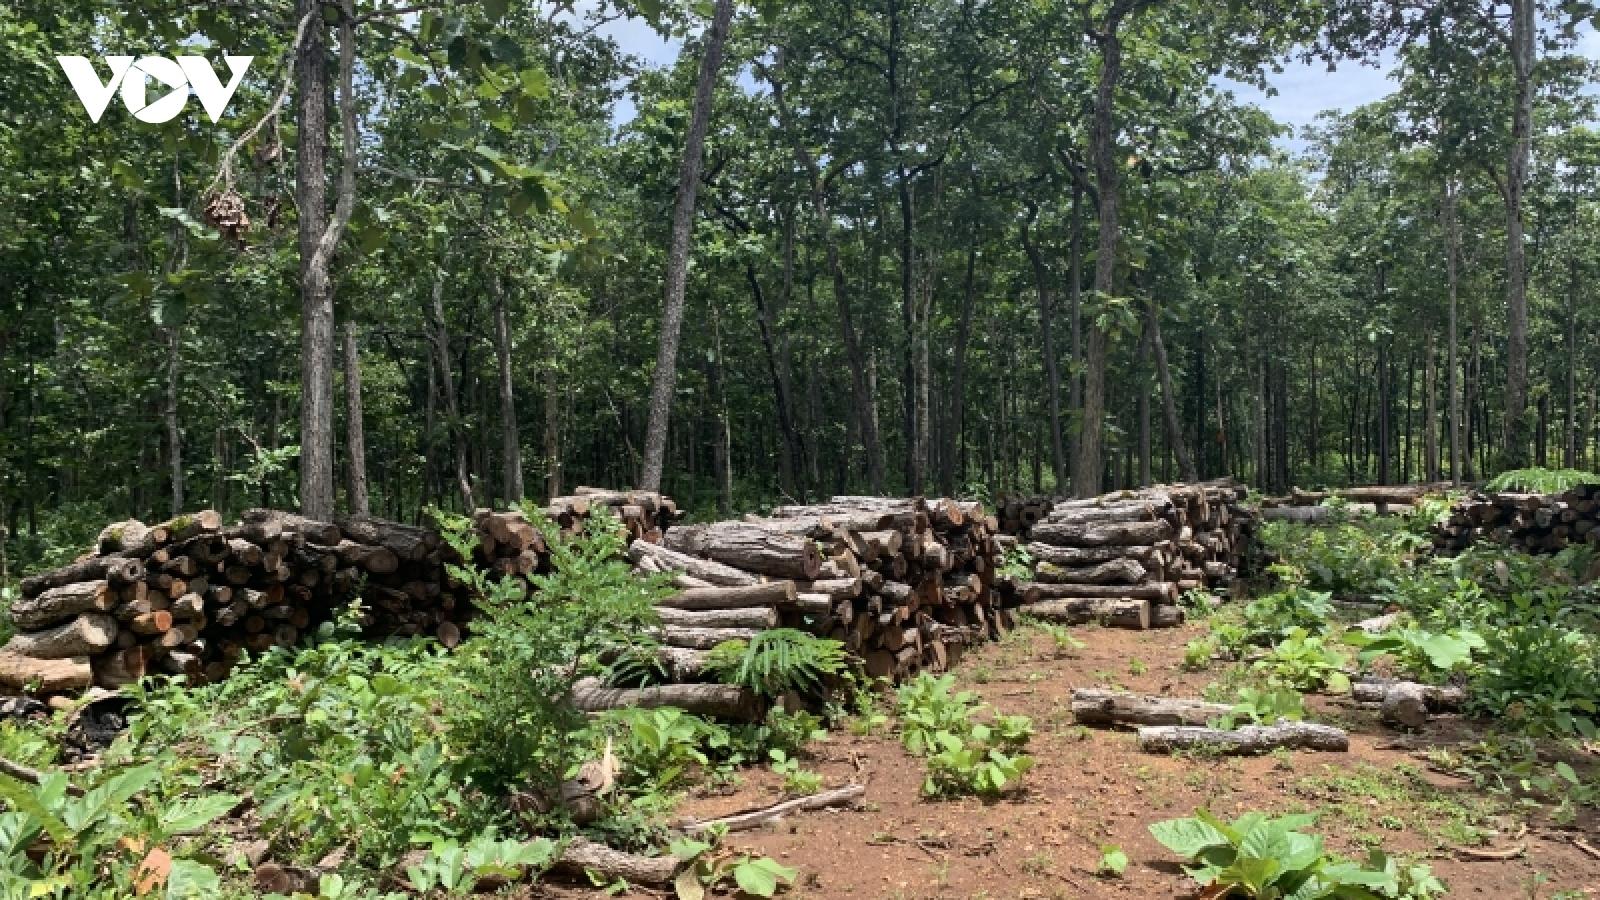 """Có một""""công trường"""" khai thác gỗ trái phép tại Trung tâm bảo tồn voi Đắk Lắk"""